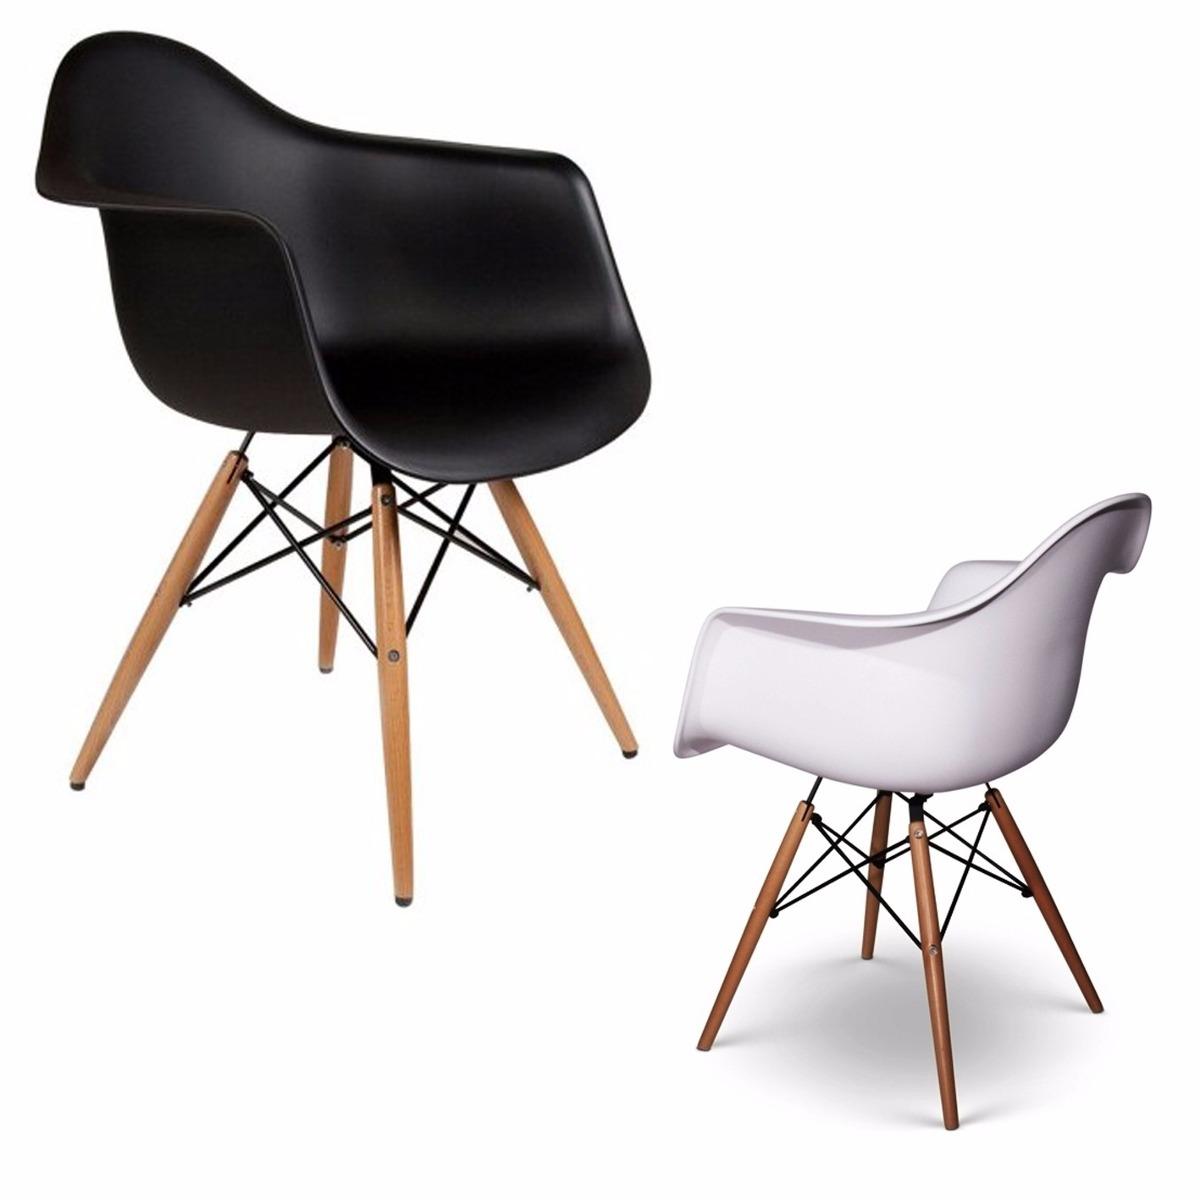 silla eames butacas moderno dise o excelente calidad